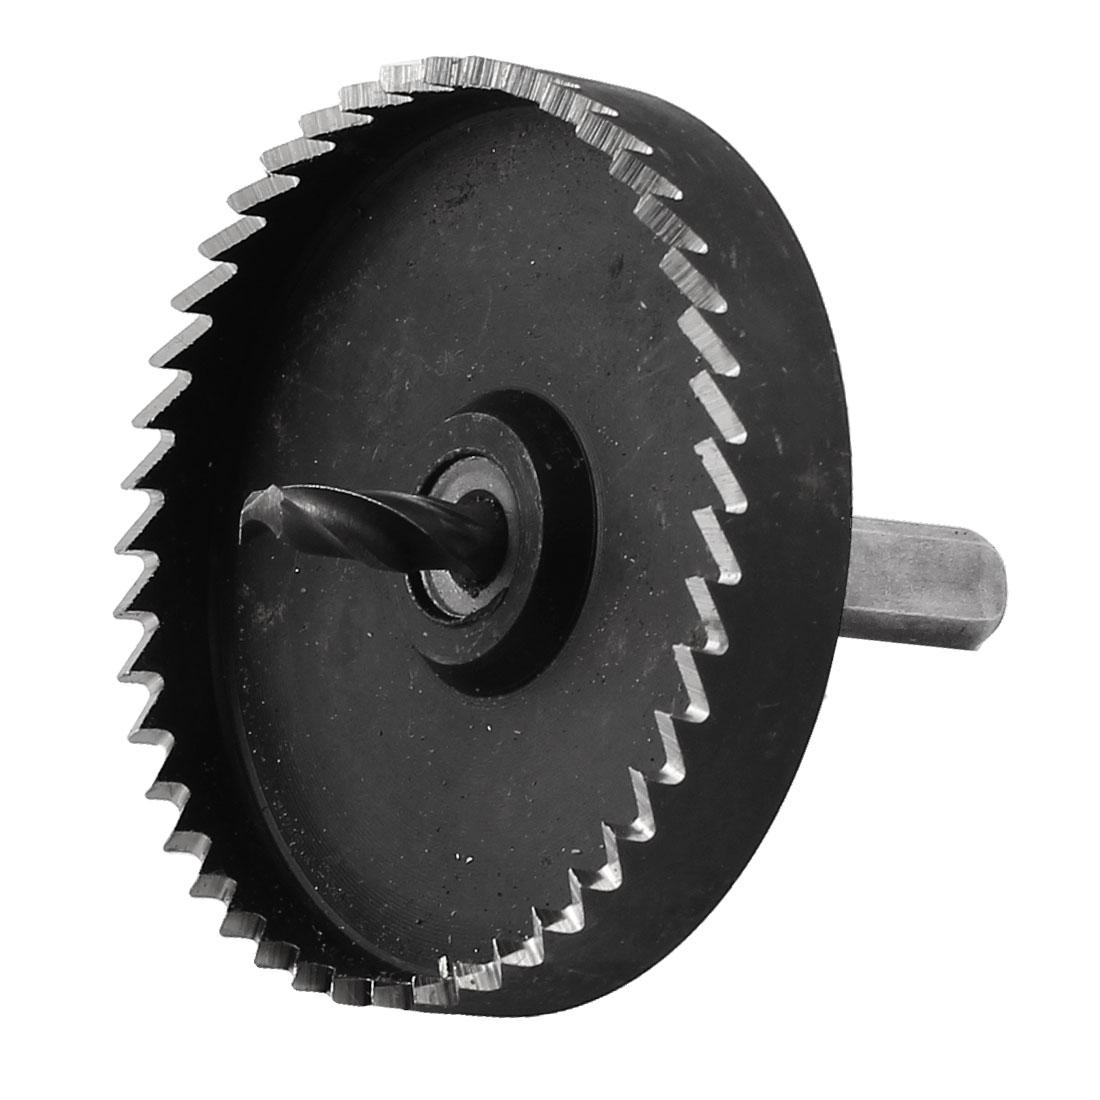 70mm Diameter Iron Cutting 6mm Twist Drilling Bit HSS Hole Saw Tool